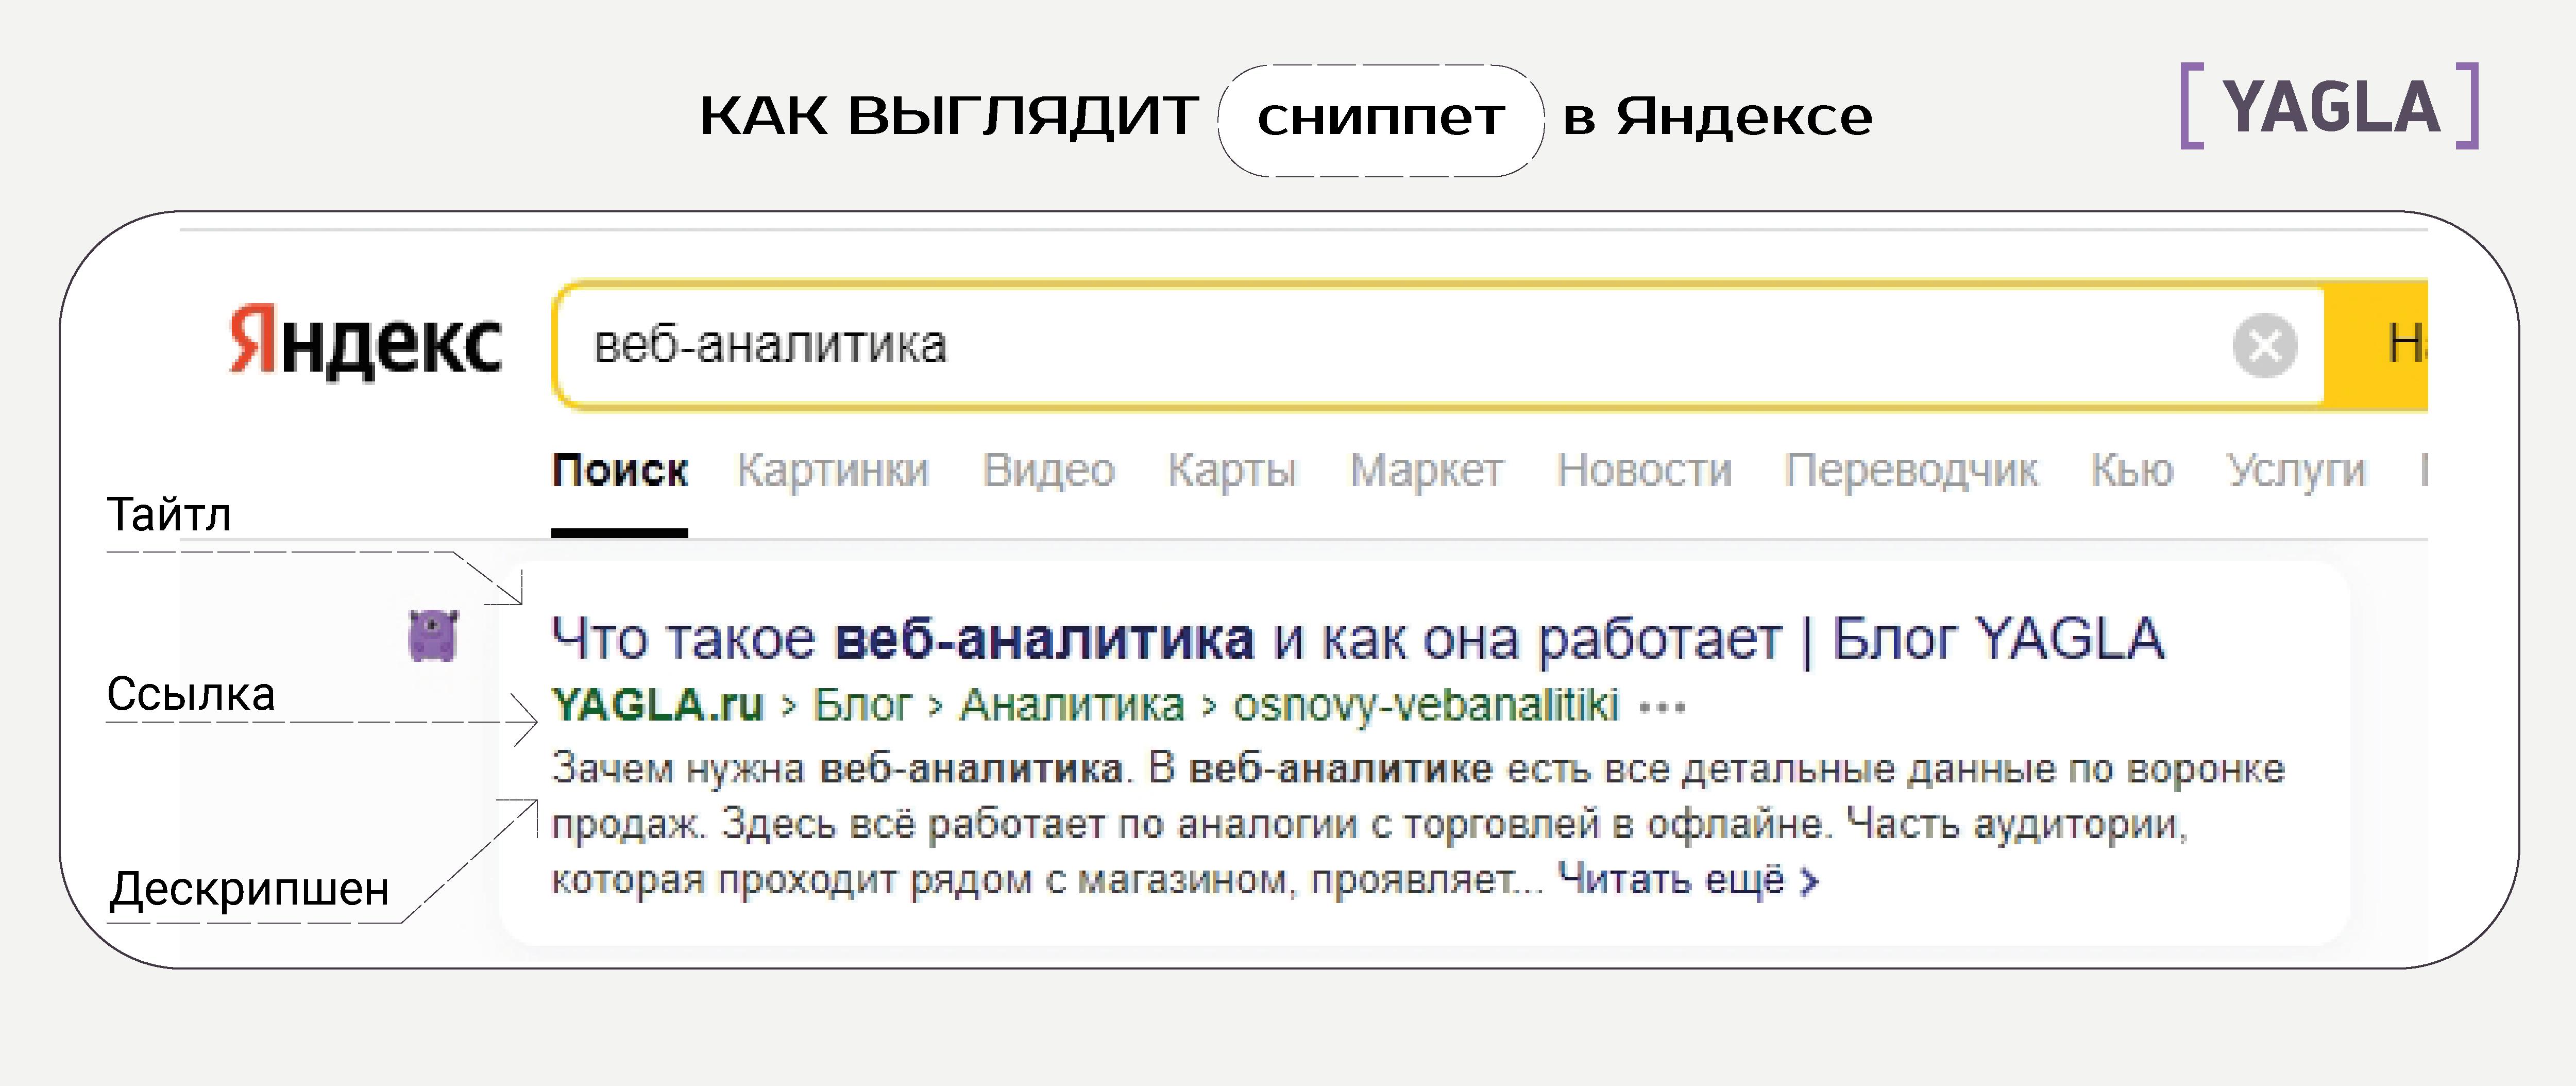 Как отображается description в поисковой выдаче